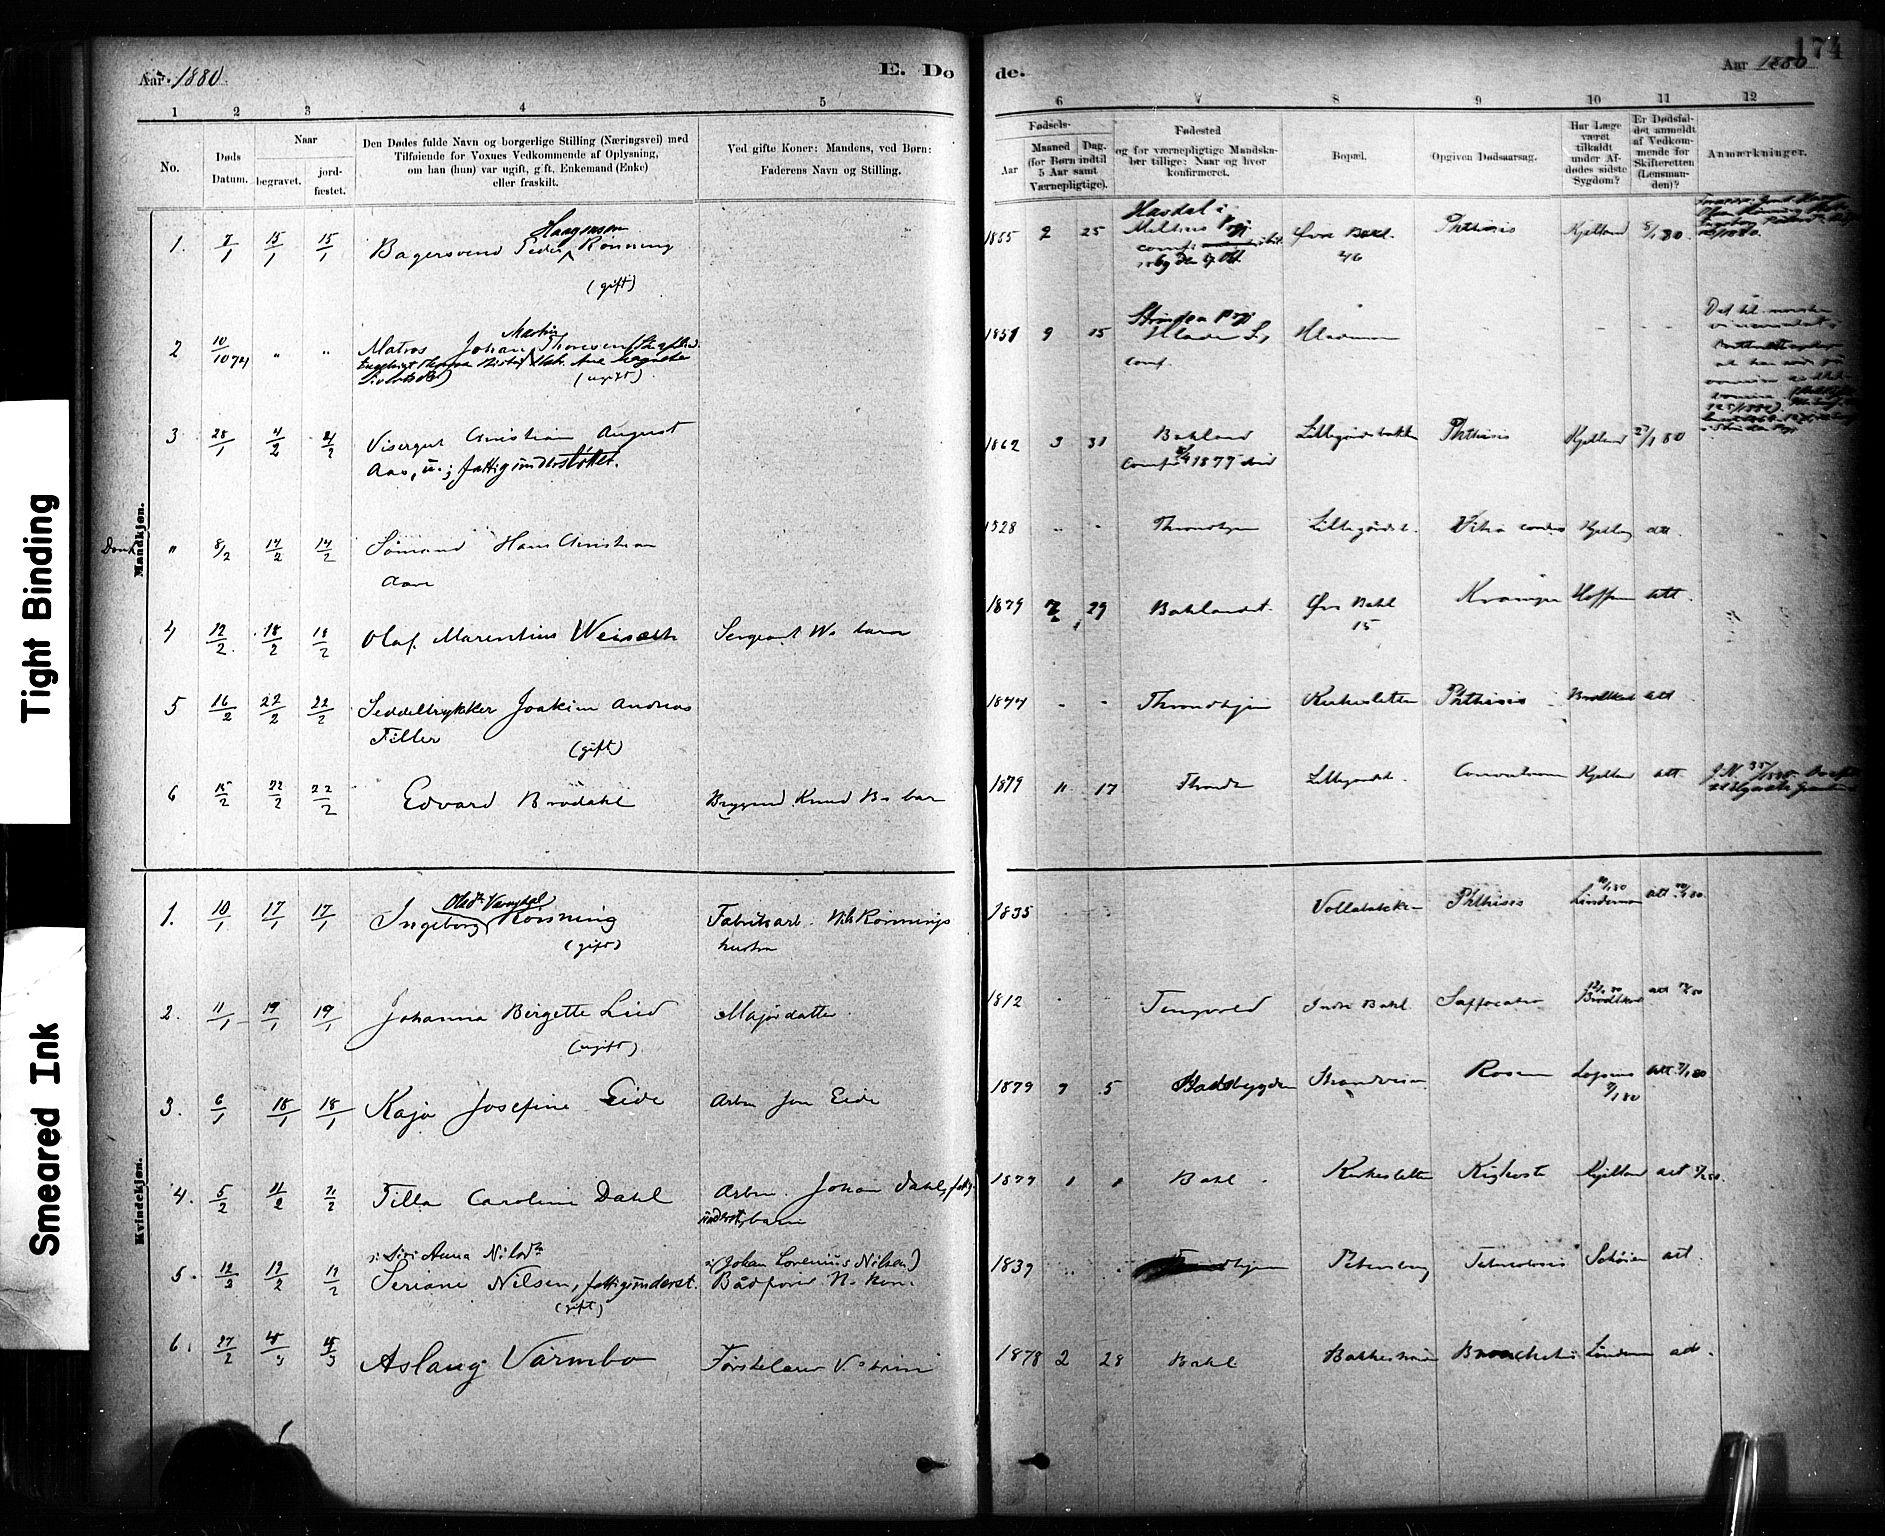 SAT, Ministerialprotokoller, klokkerbøker og fødselsregistre - Sør-Trøndelag, 604/L0189: Ministerialbok nr. 604A10, 1878-1892, s. 174